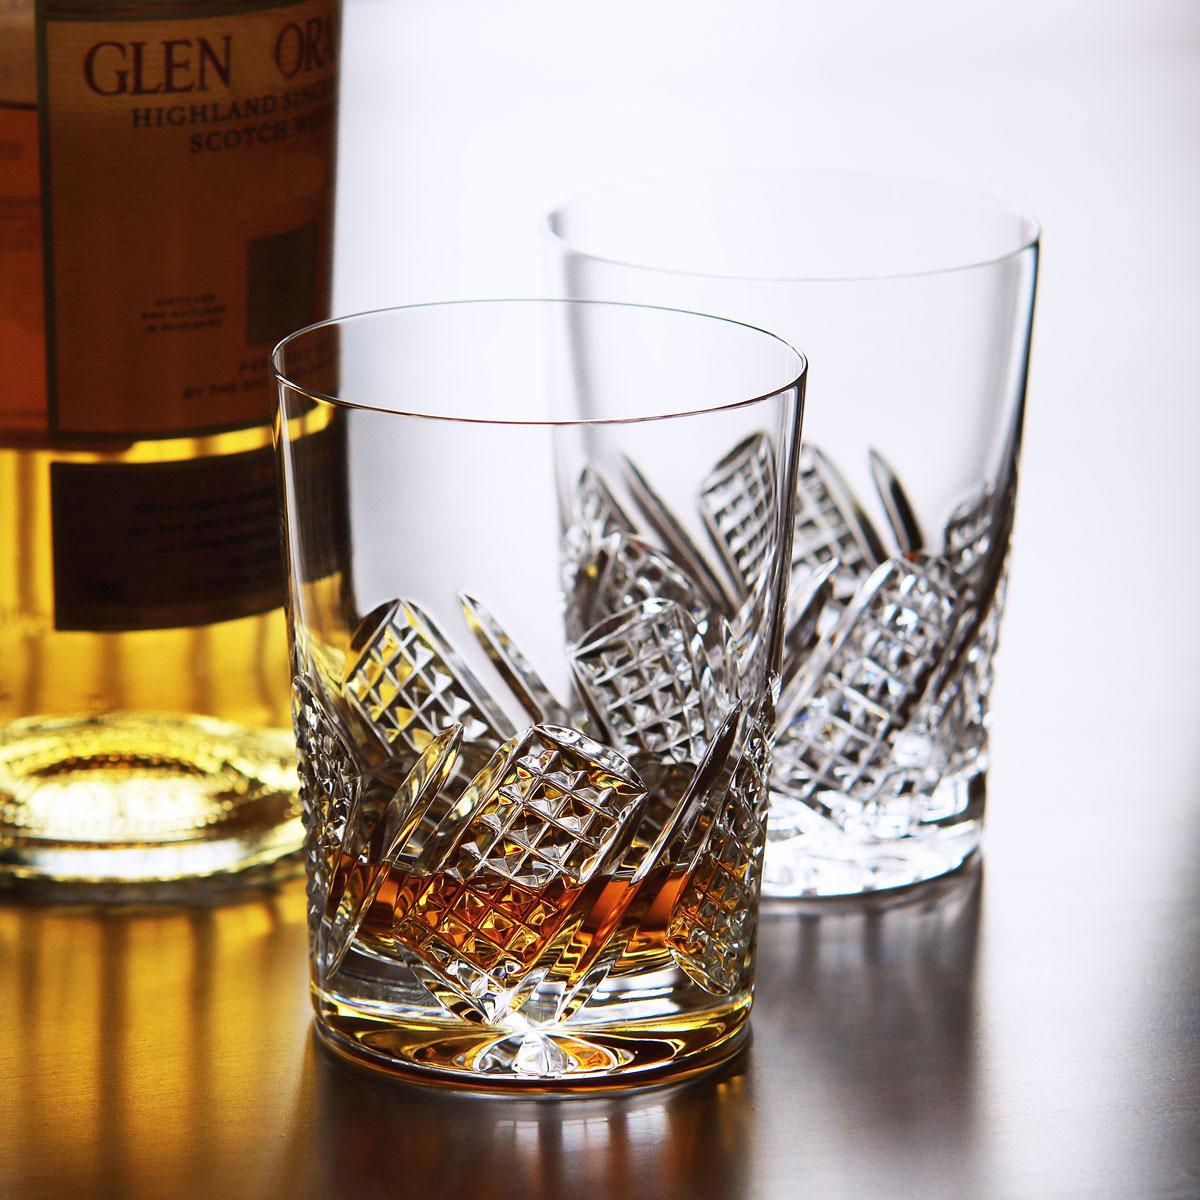 Cashs Ireland, Crystal Harvester Single Malt Whiskey Glasses, Pair